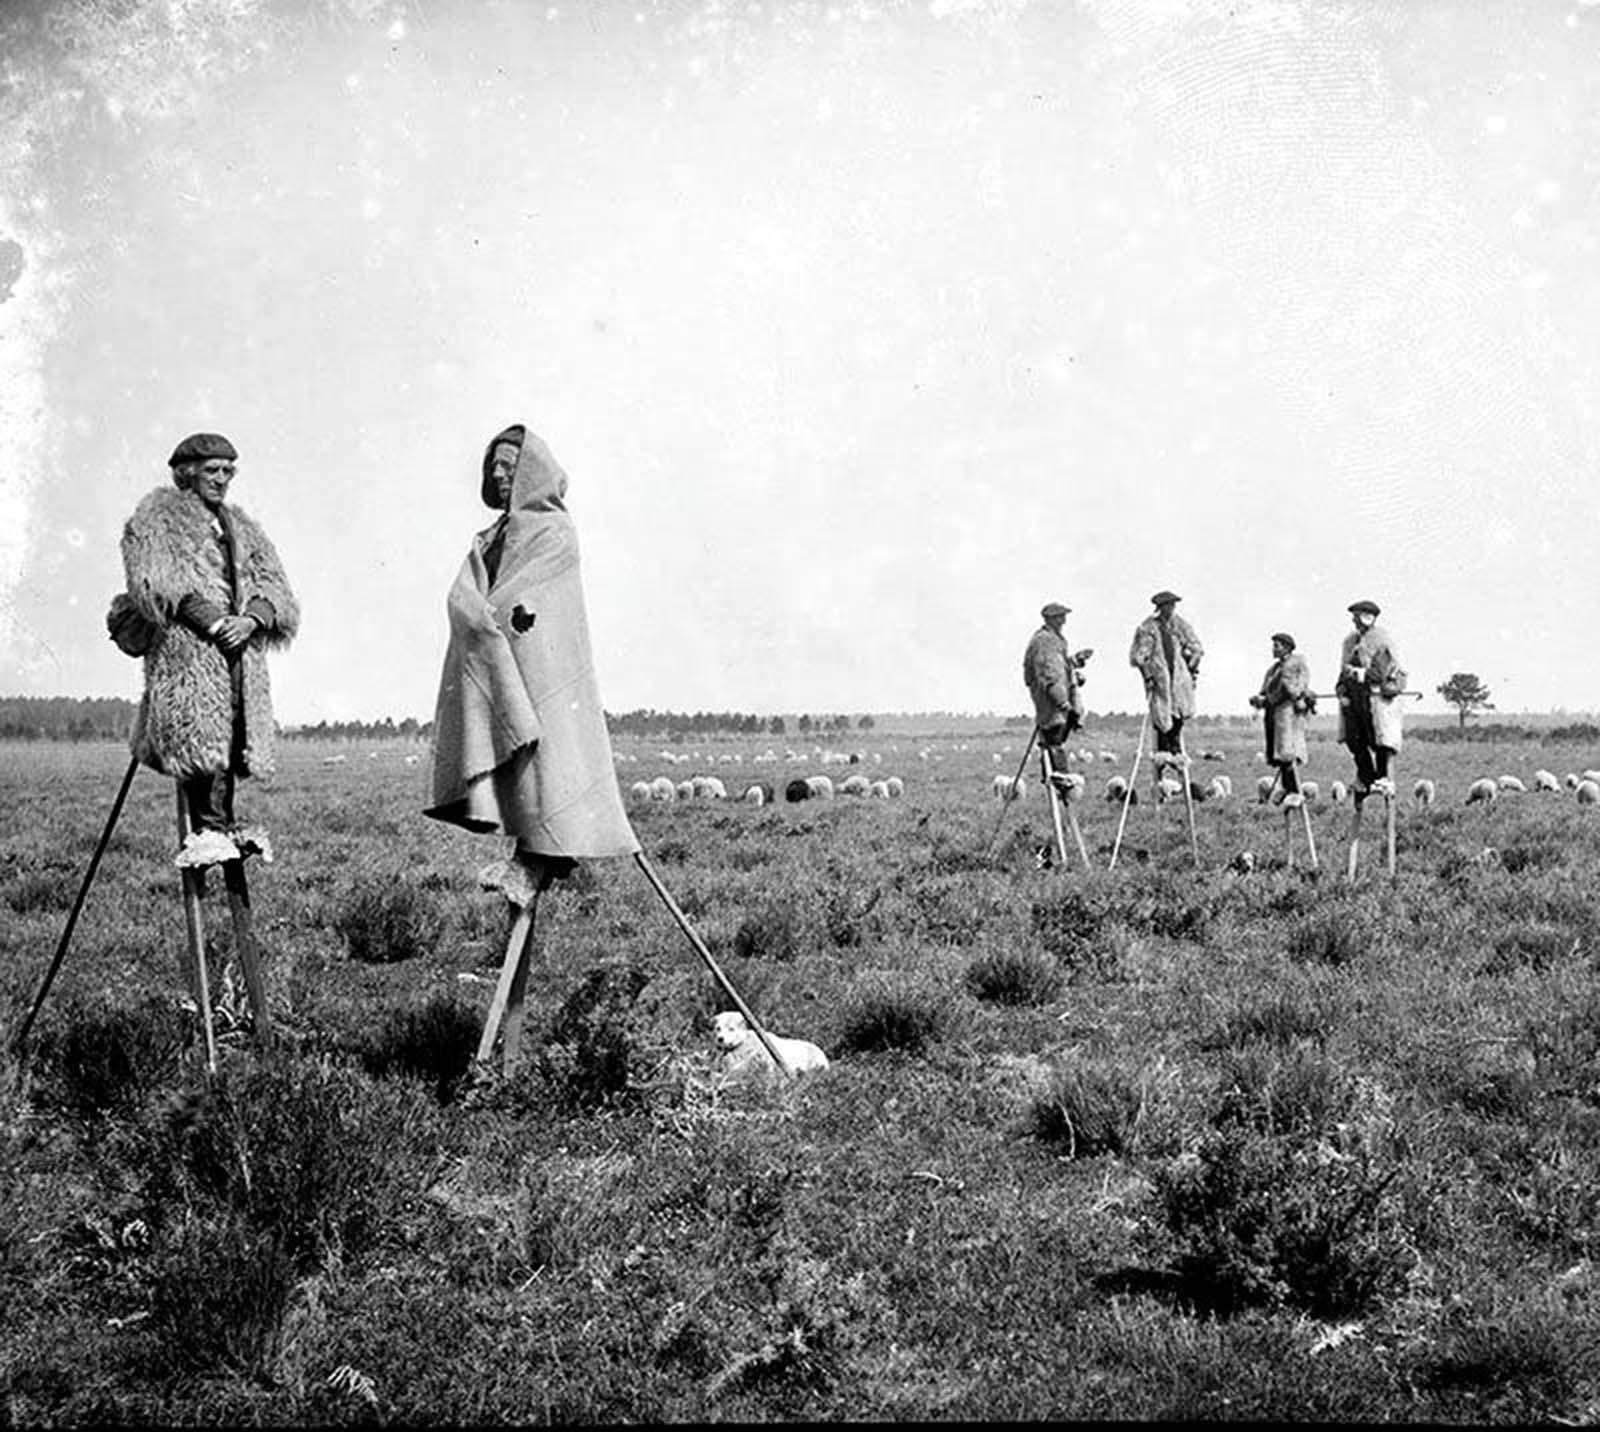 French shepherds in stilts.